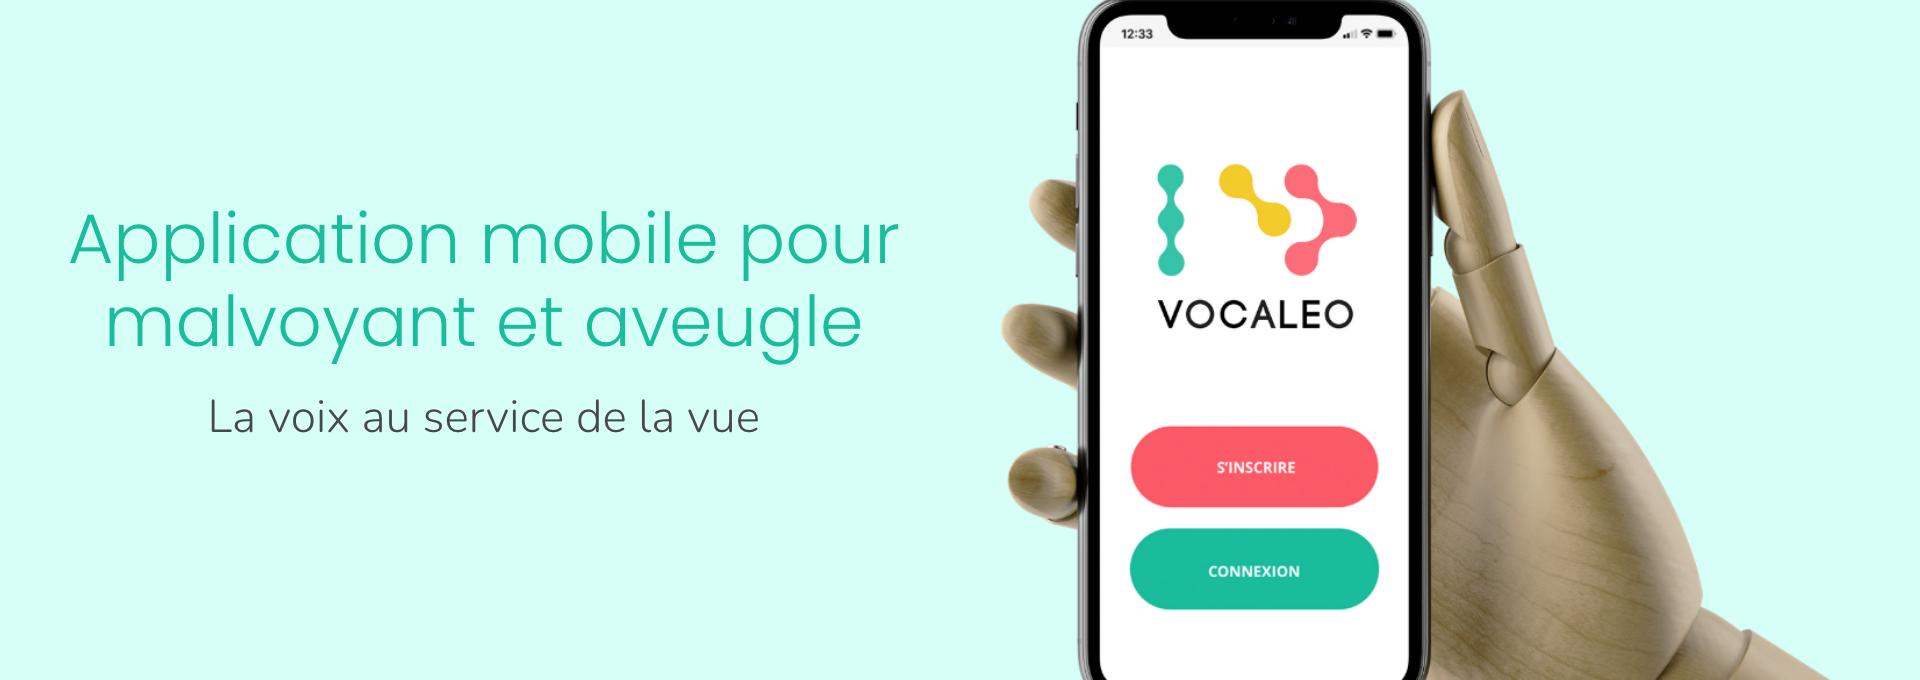 Vocaleo: une application mobile pour malvoyant et aveugle.